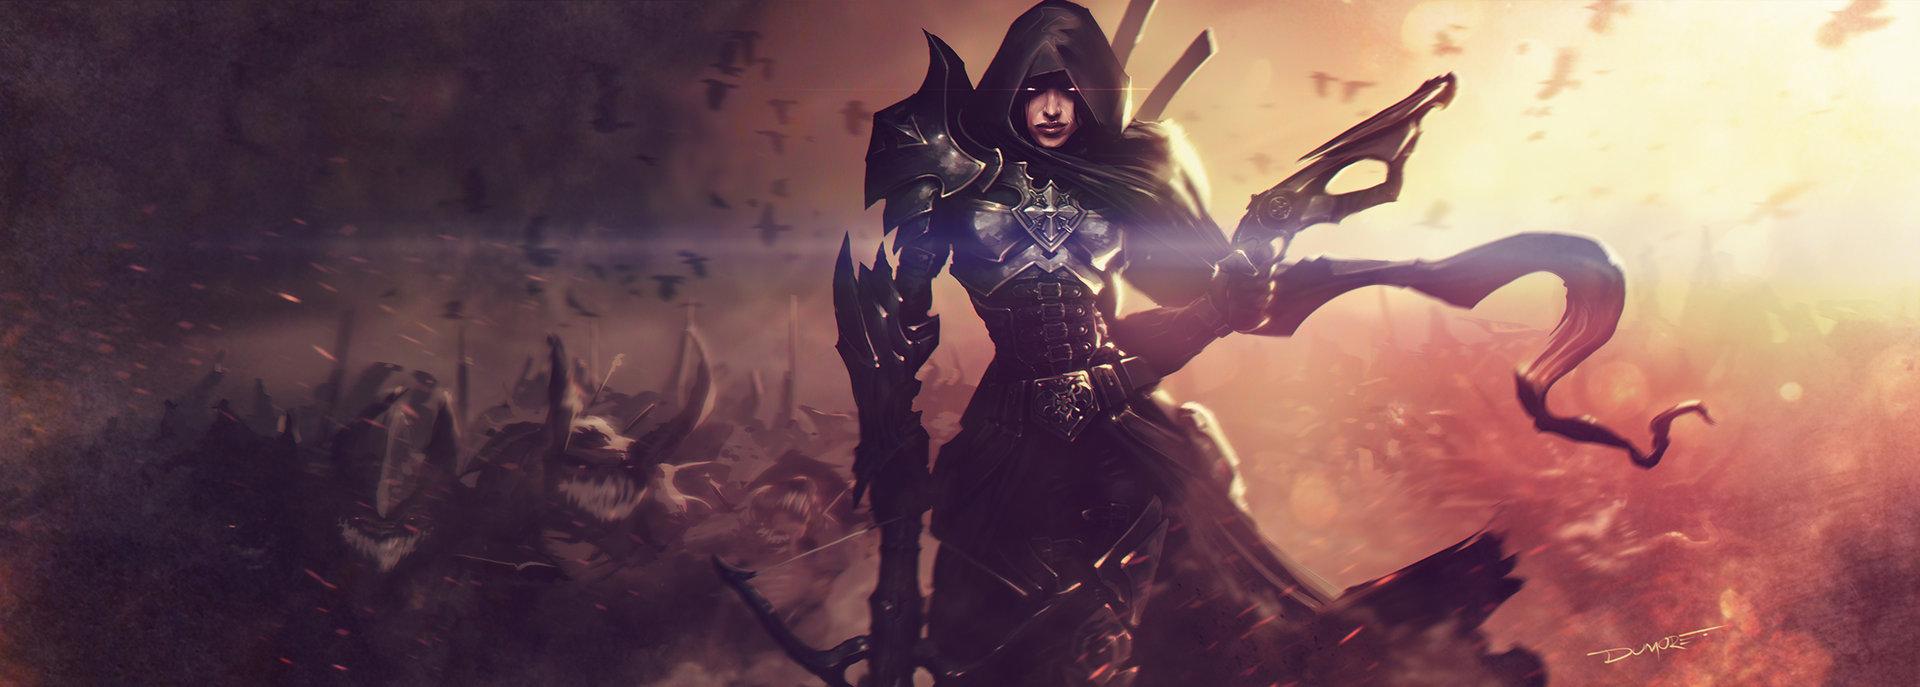 Demon Hunter Diablo 3  № 1892521 бесплатно